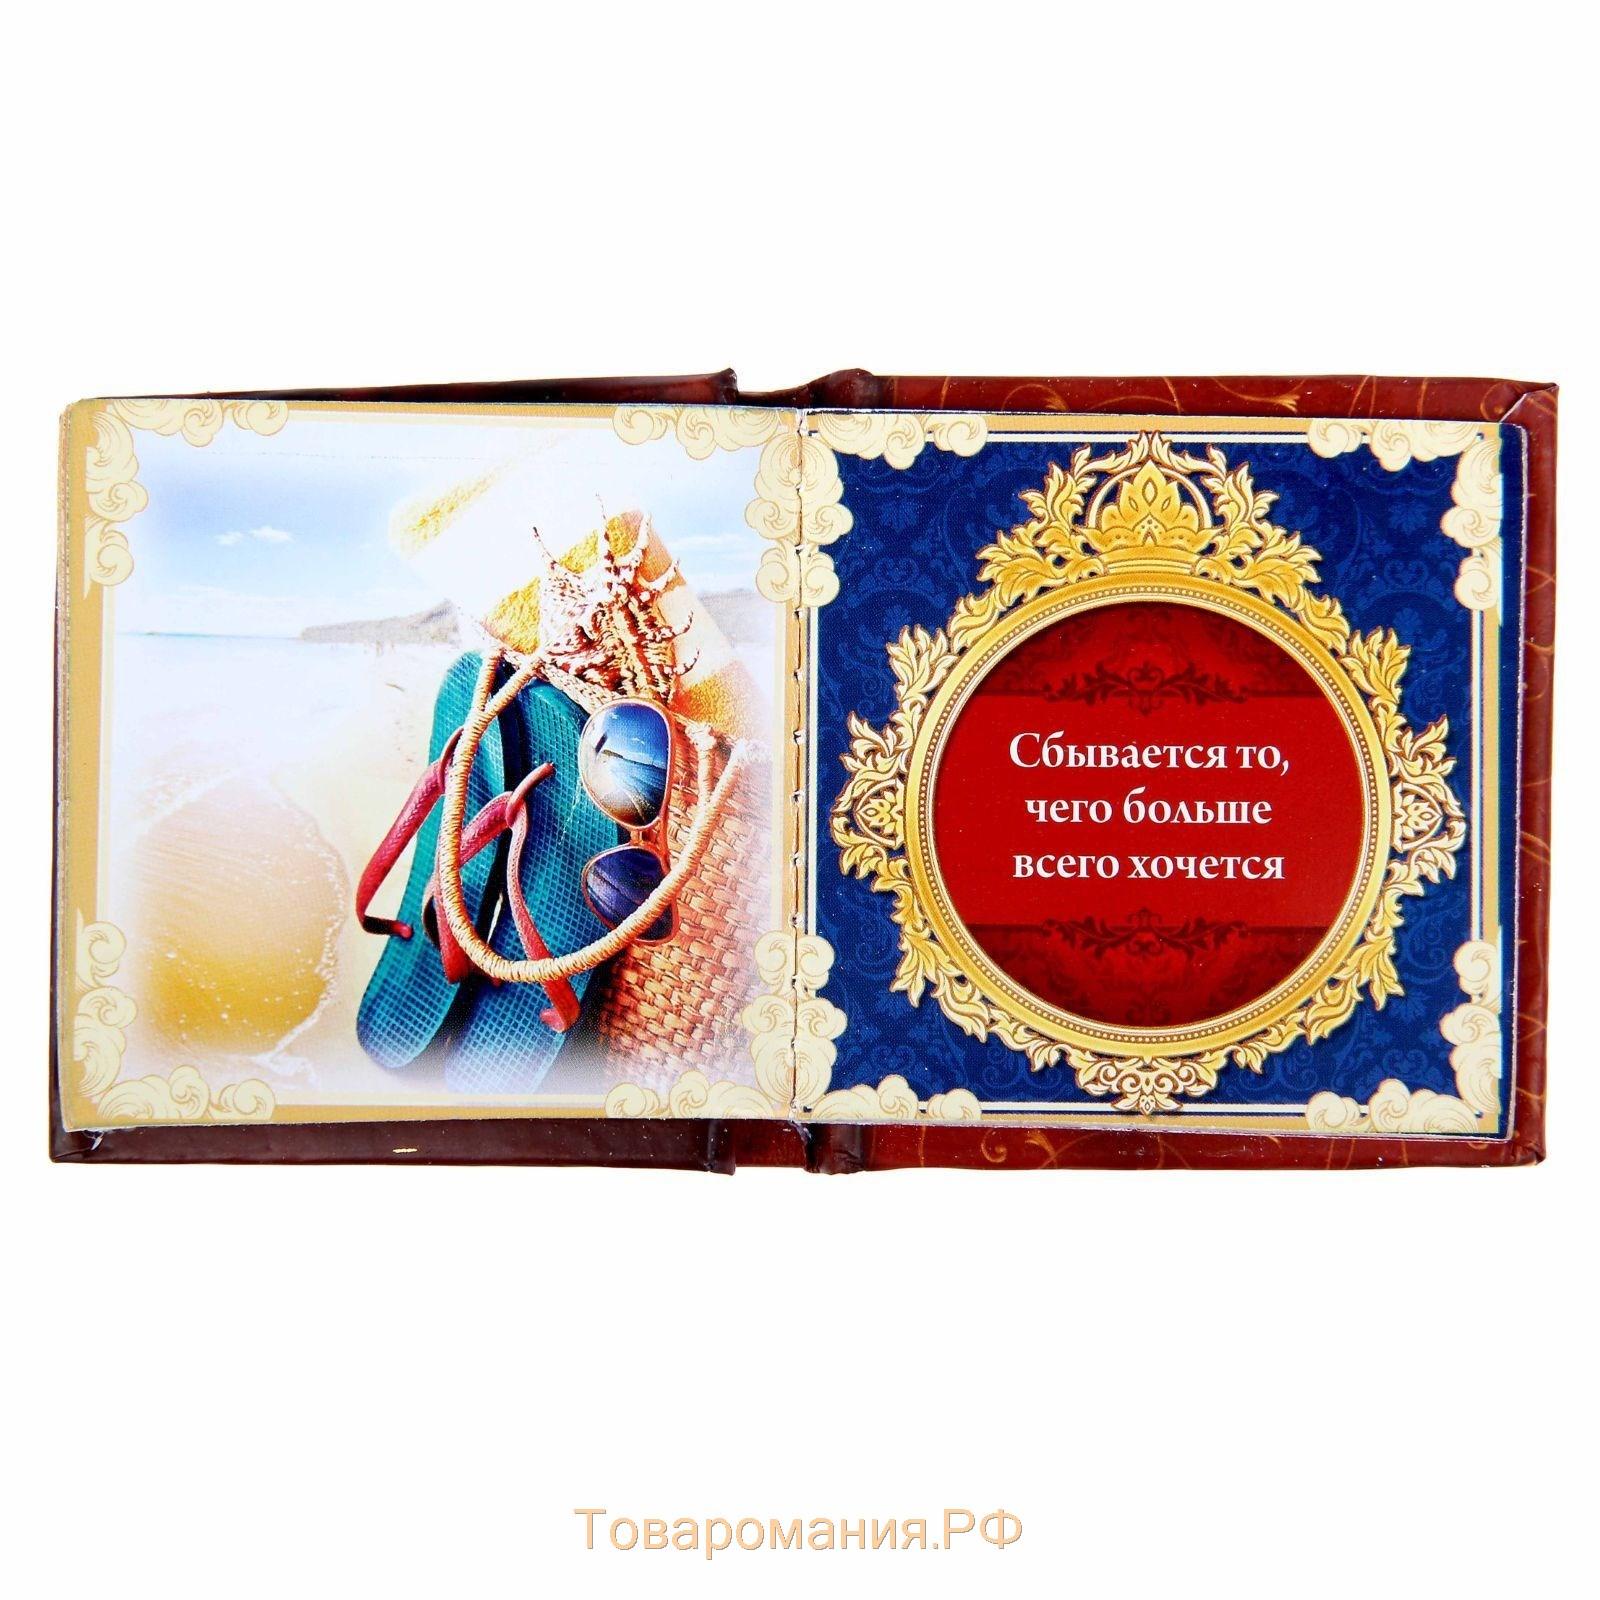 Книга с поздравлениями для юбиляра